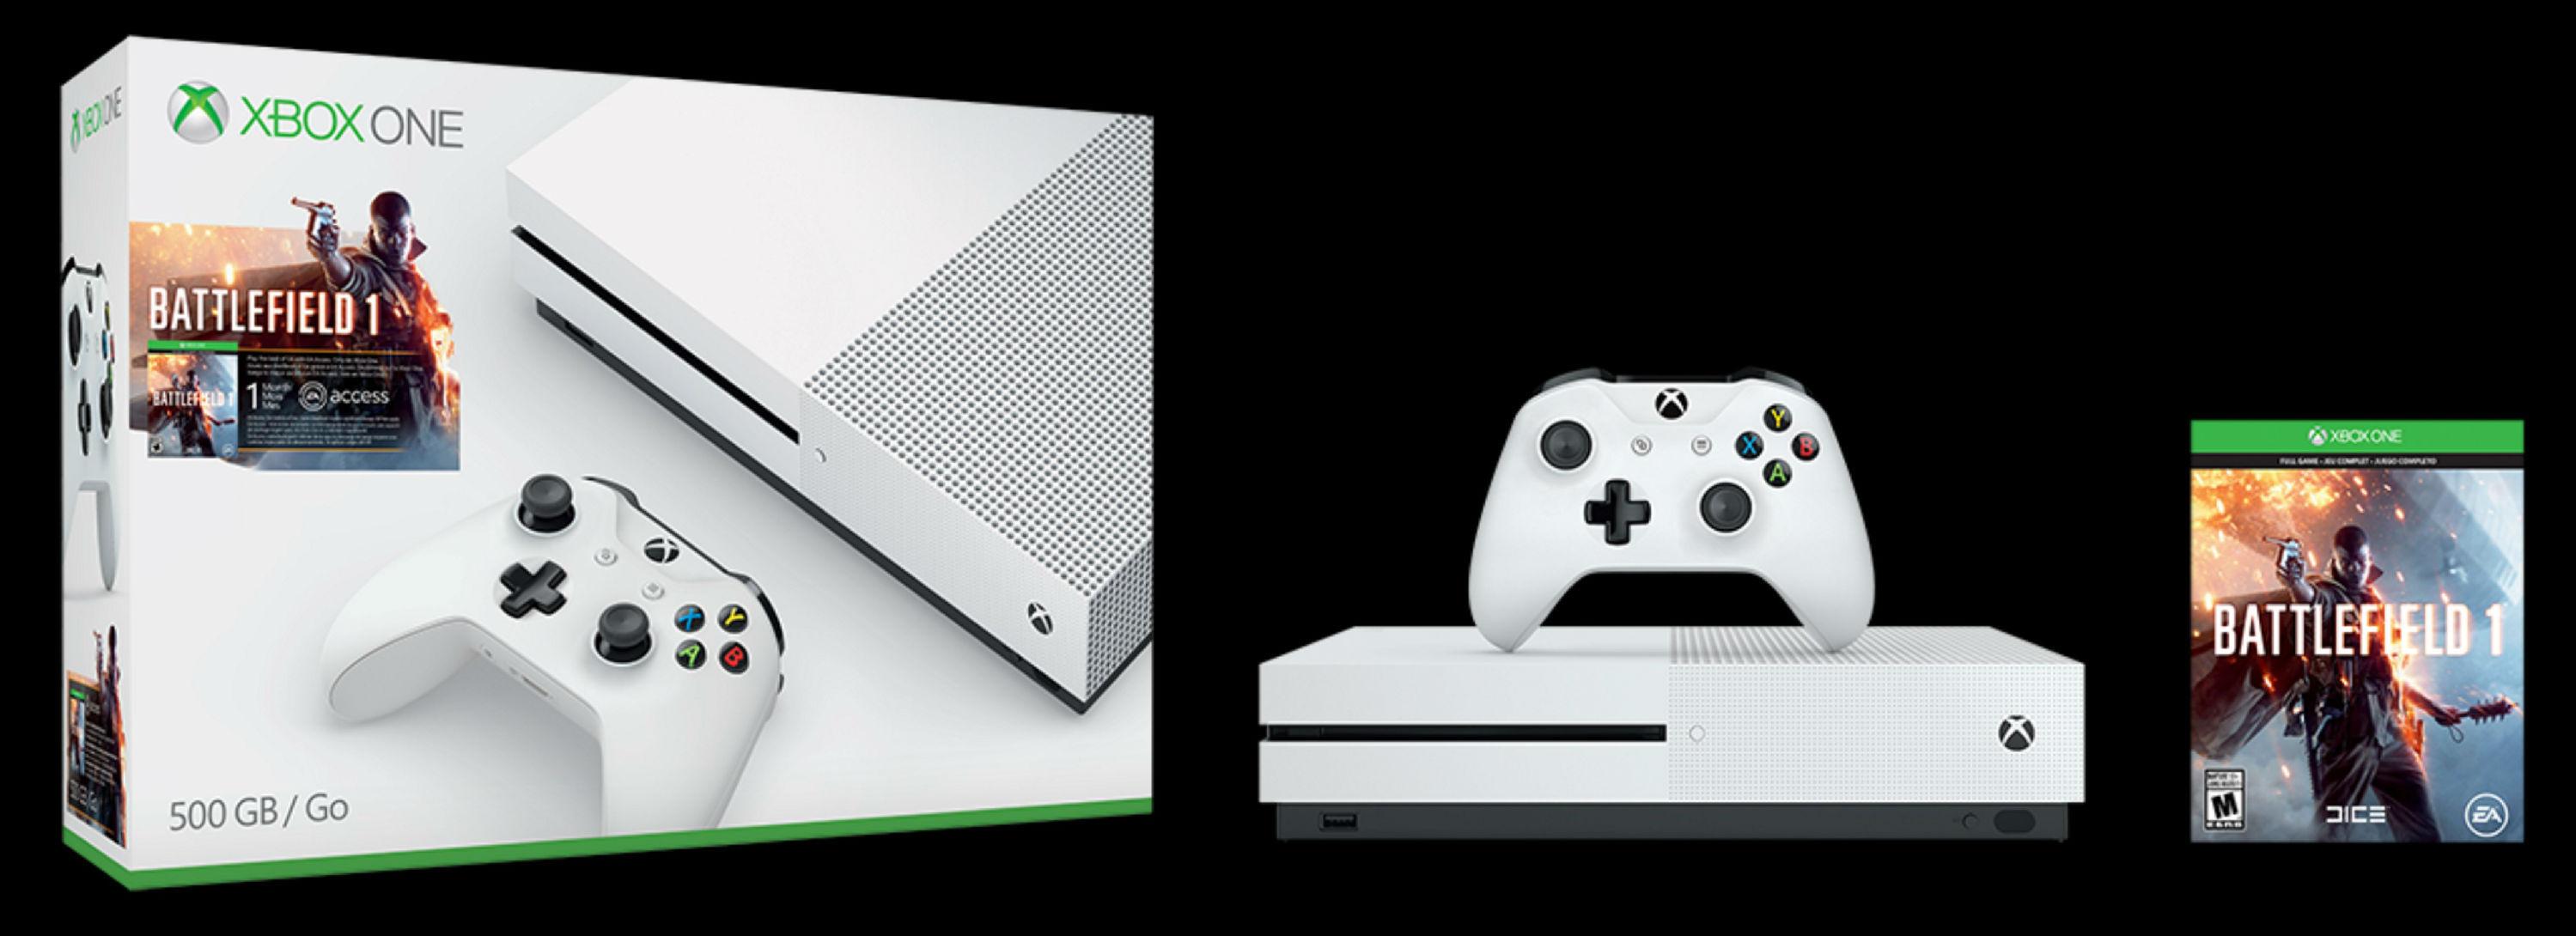 Xbox One S主机新配色